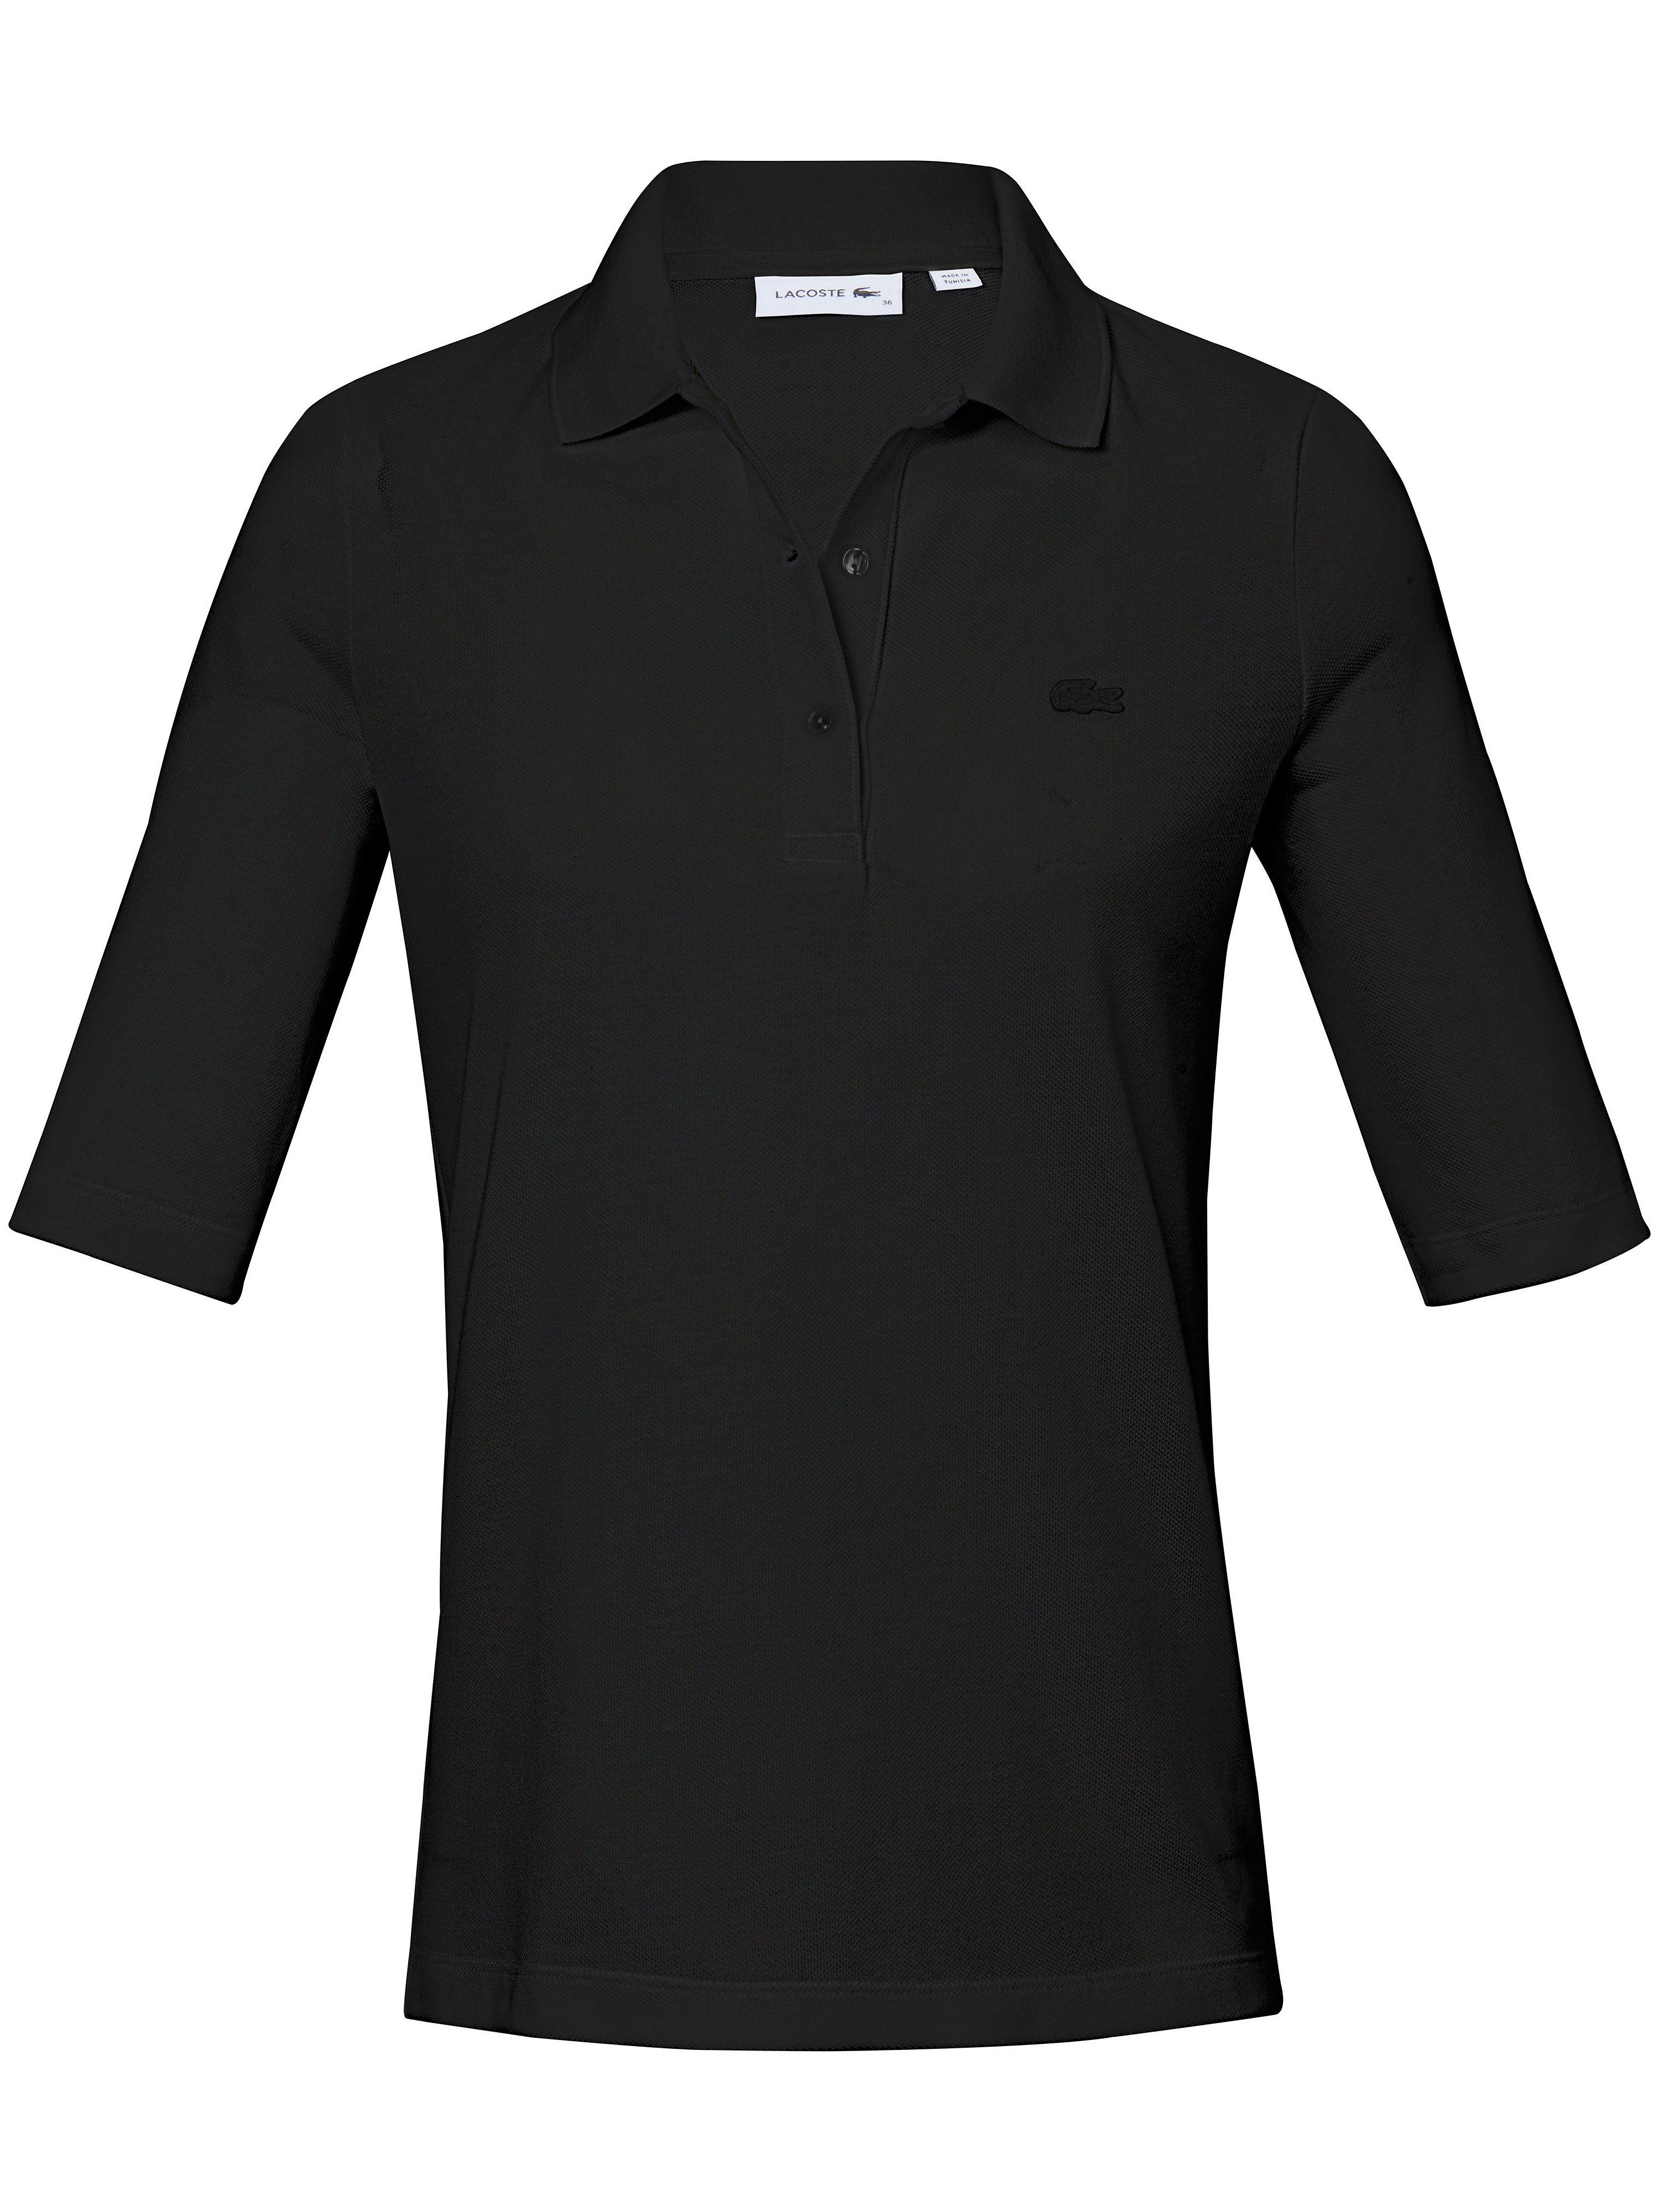 Poloshirt 1/2-lange ærmer 100% bomuld Fra Lacoste sort